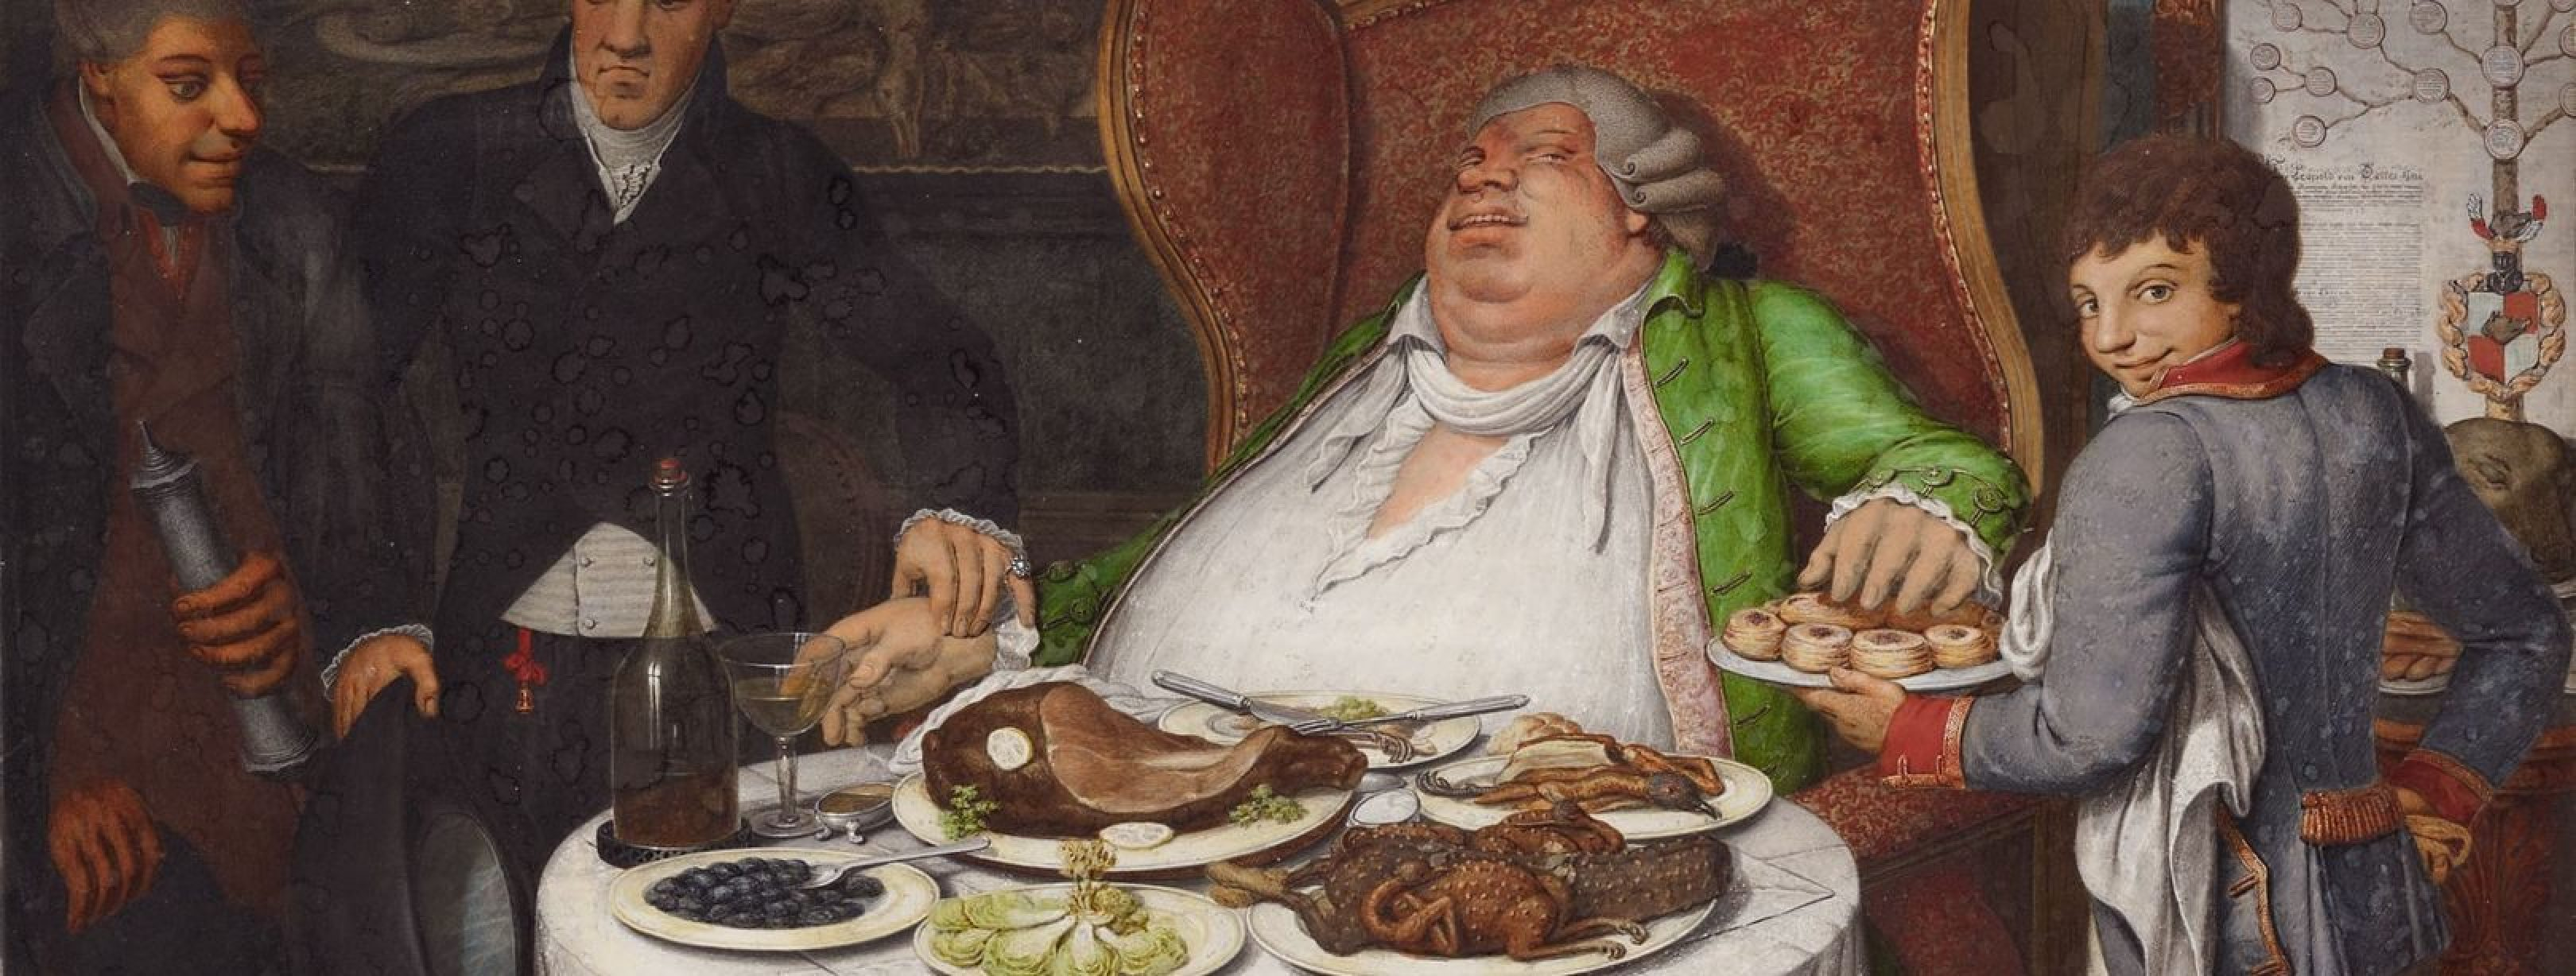 Georg_Emanuel_Opiz_Der_Völler_1620